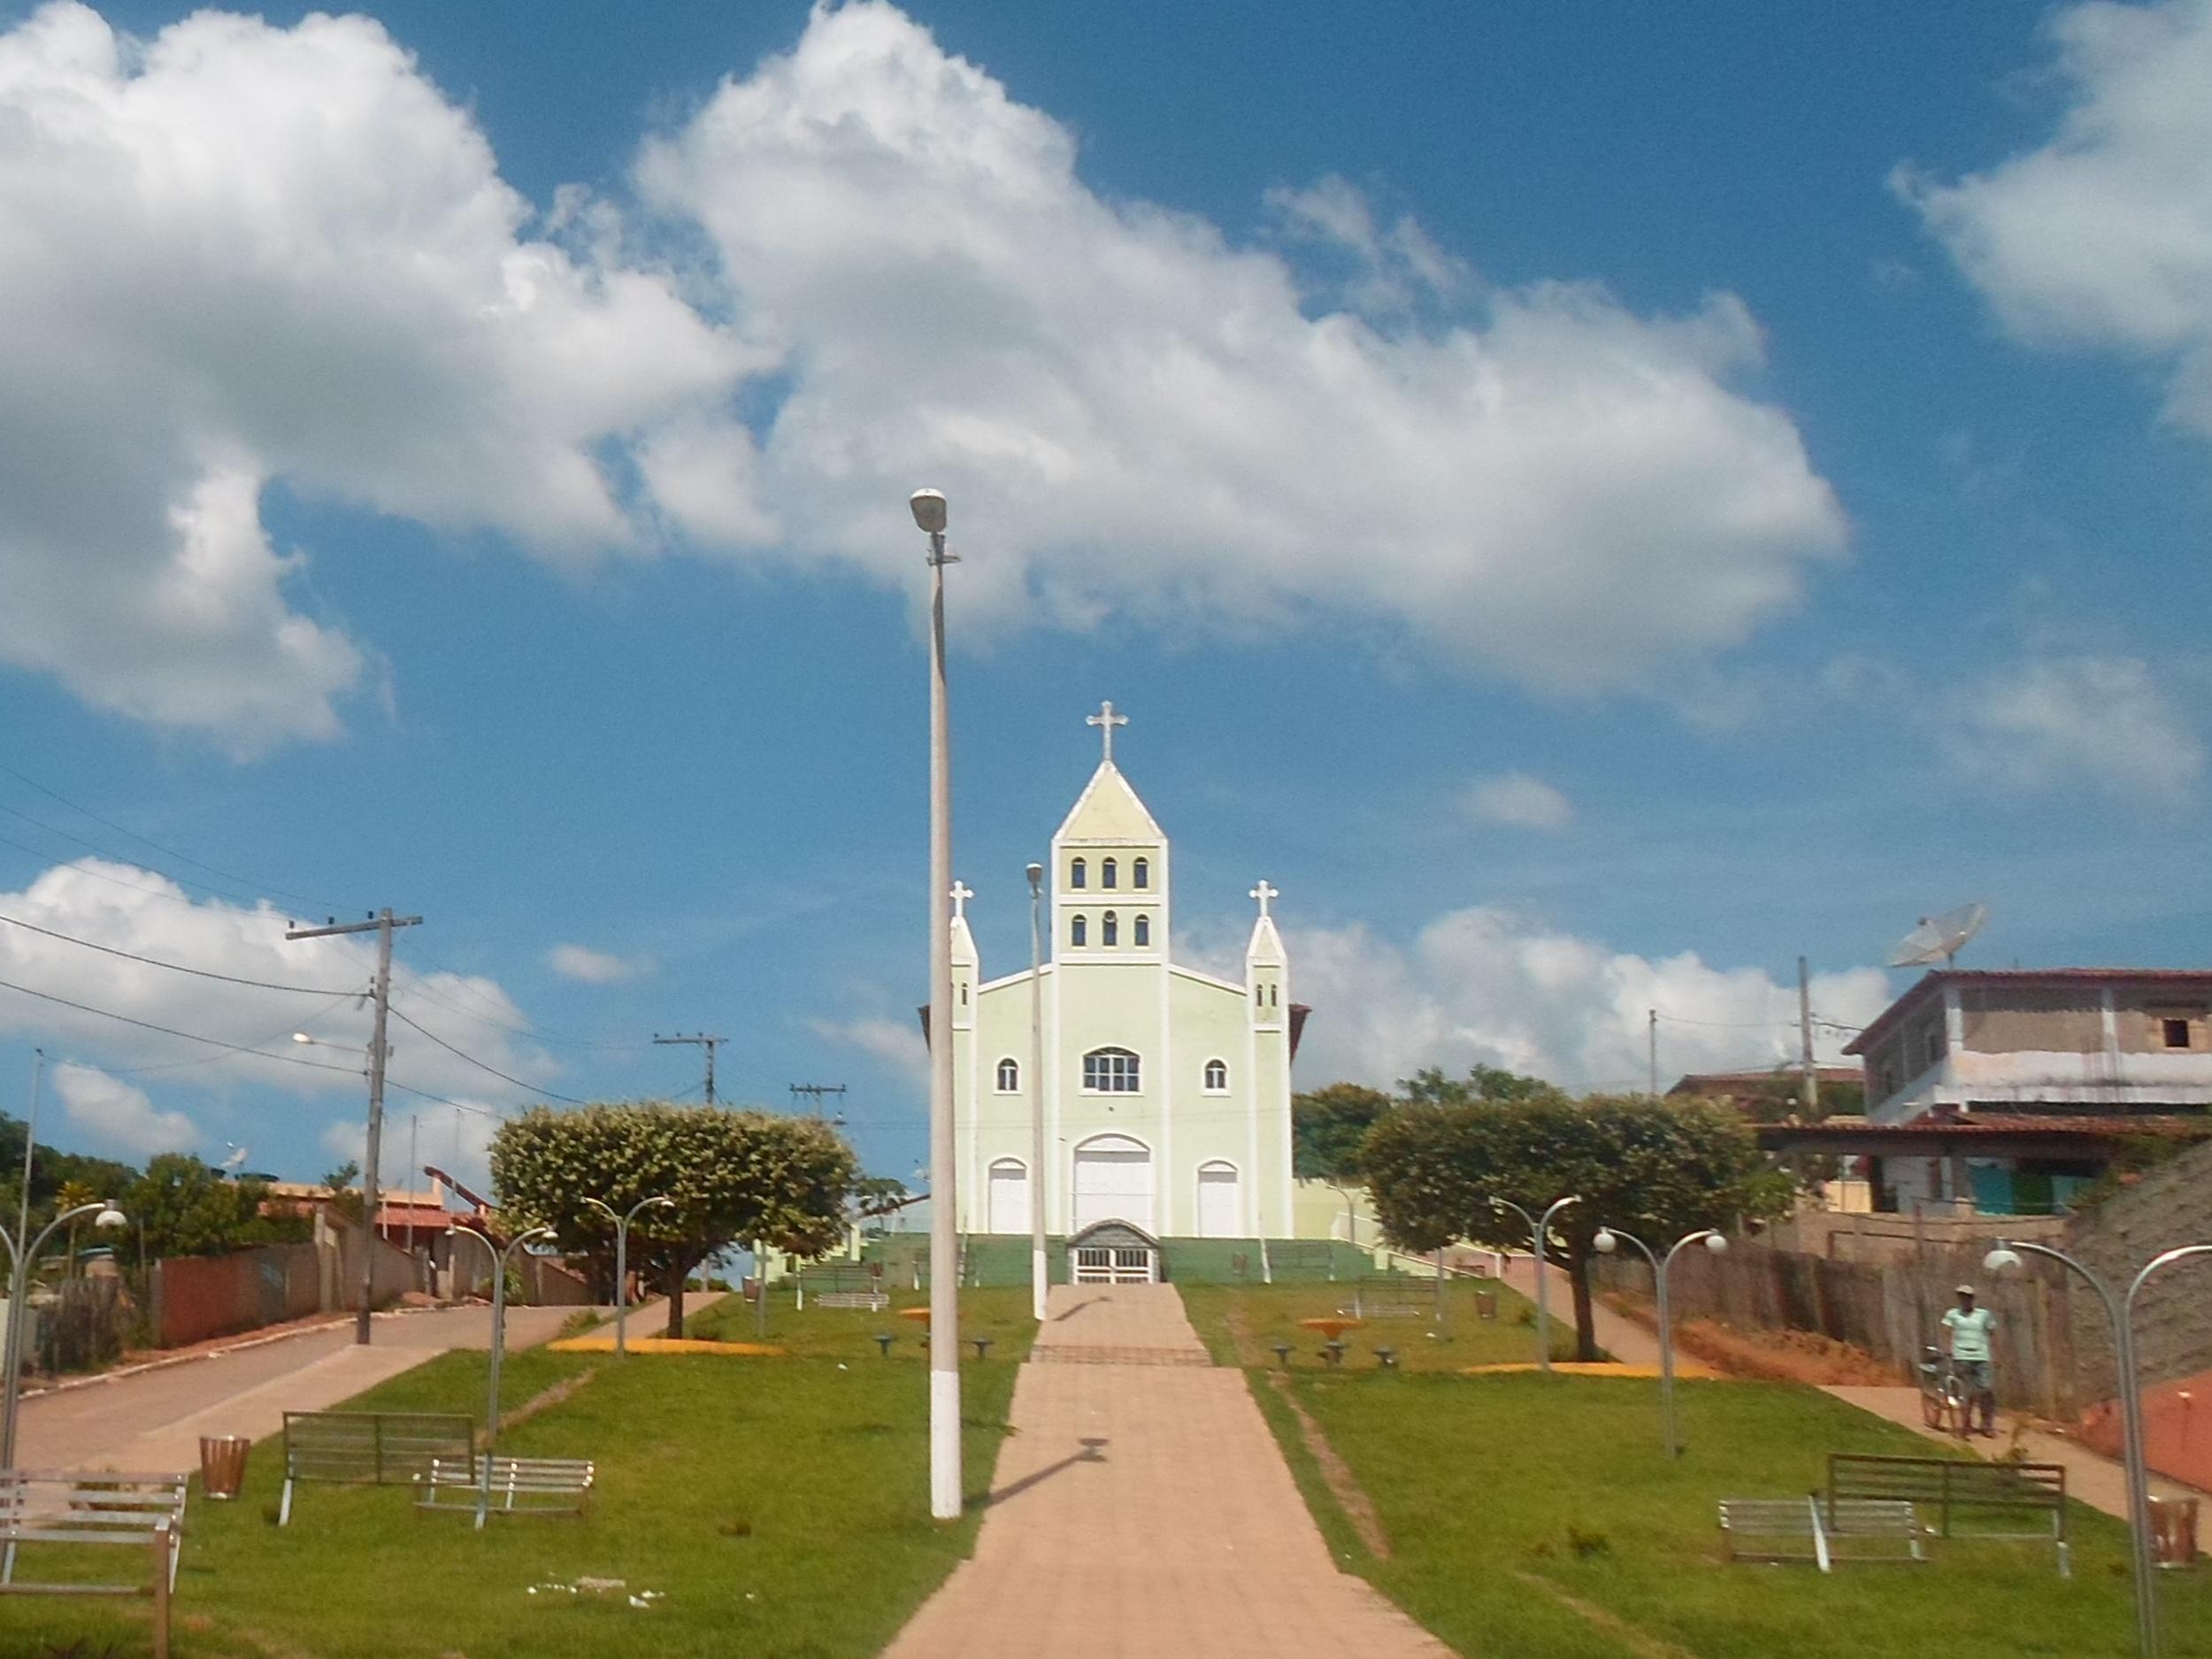 Pingo d'Água Minas Gerais fonte: upload.wikimedia.org